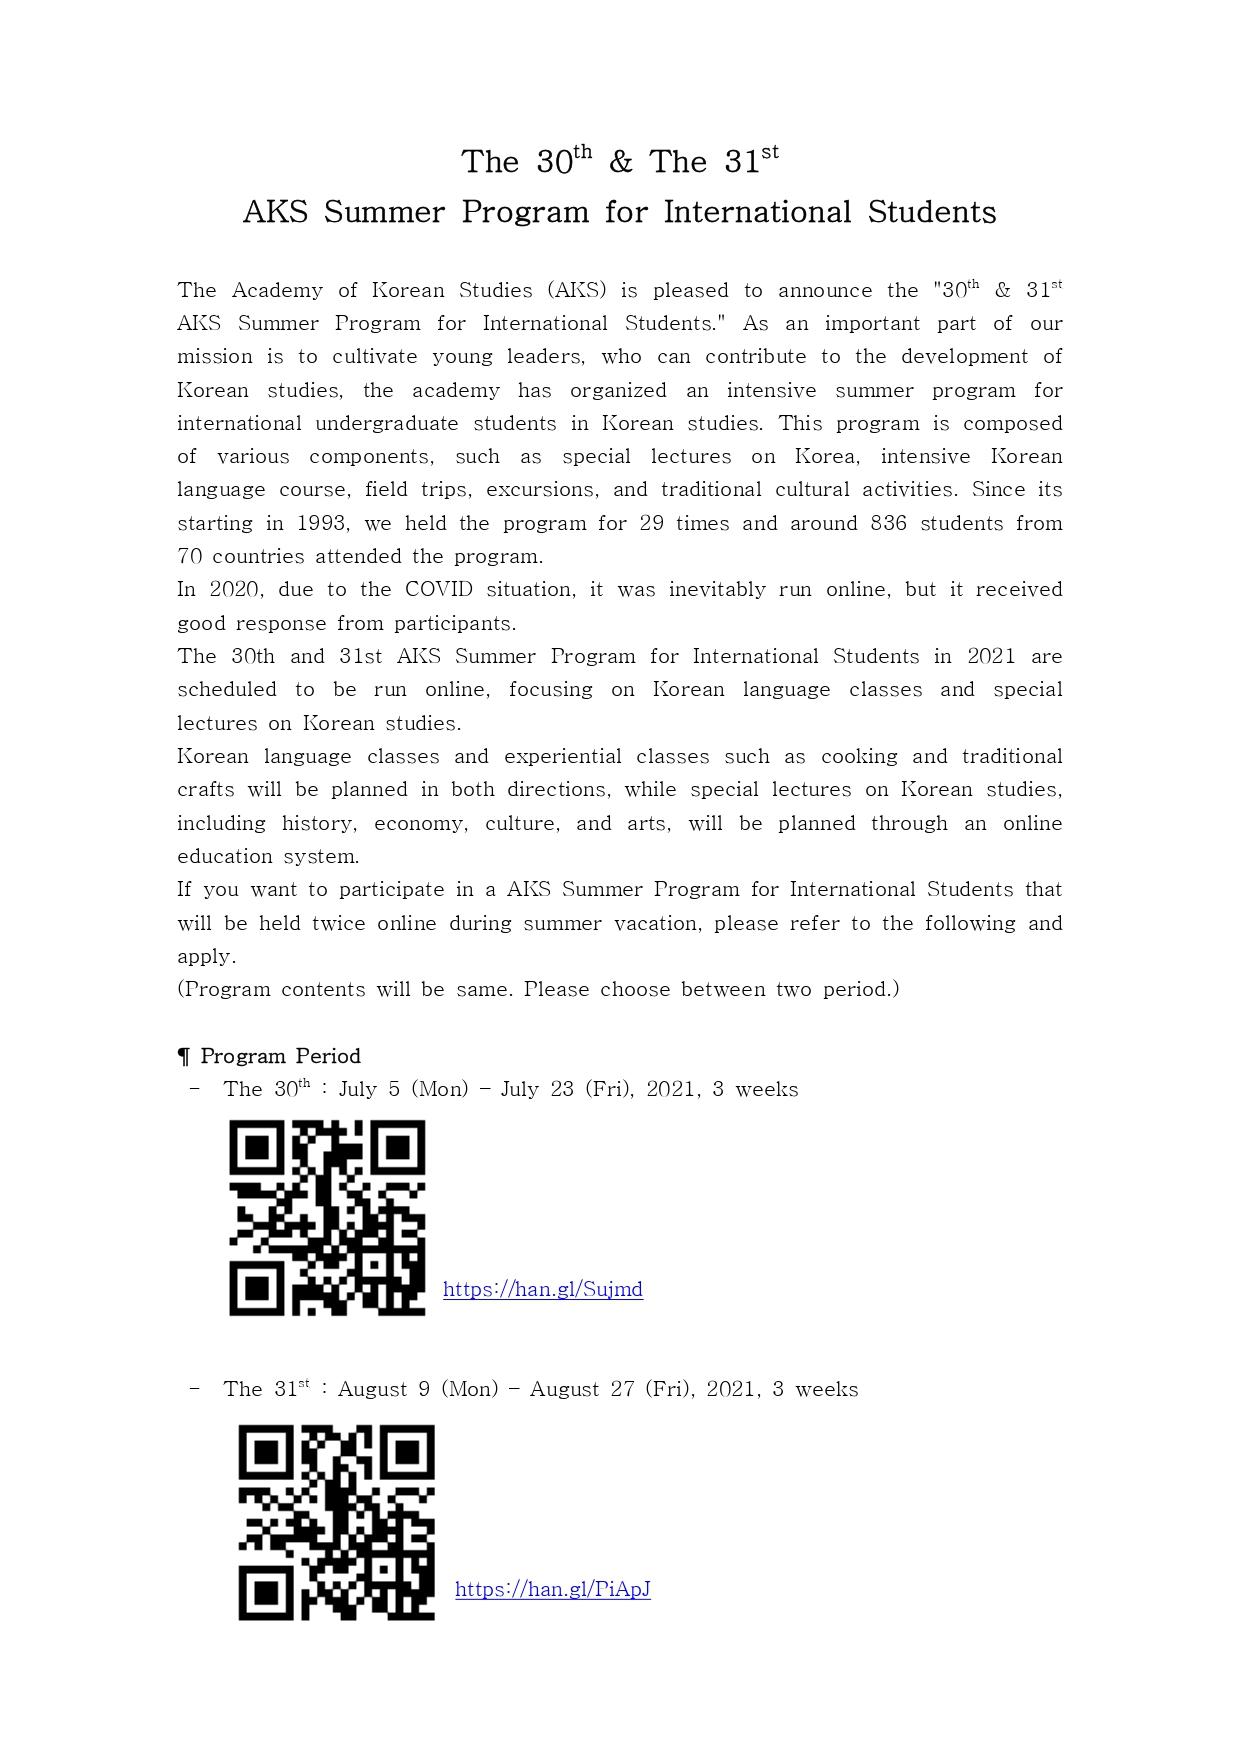 제30회, 제31회 한국문화강좌 공고문-1-2_page-0001.jpg